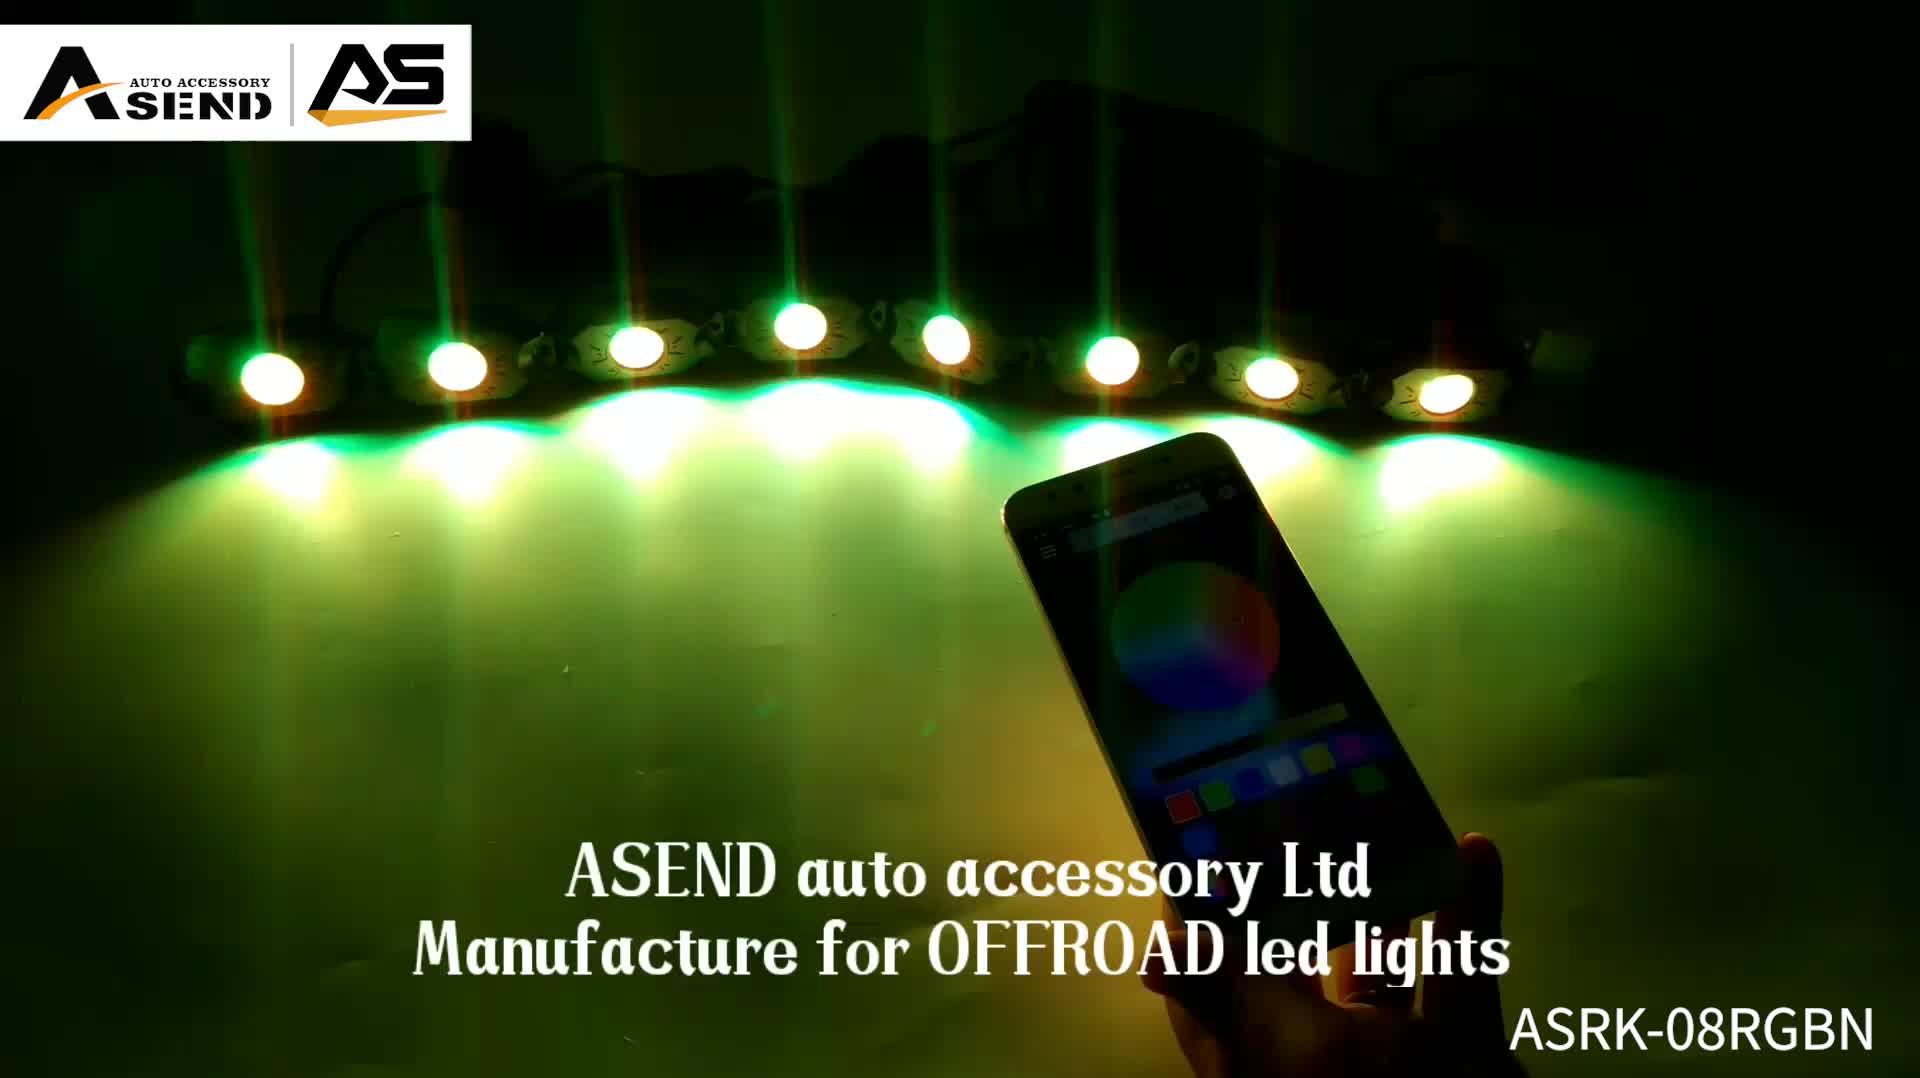 8 baccelli APP/Bluetooth di controllo del cambiamento di Colore del led luce roccia kit per Auto Ha Condotto Le Luci Accessori moto barca